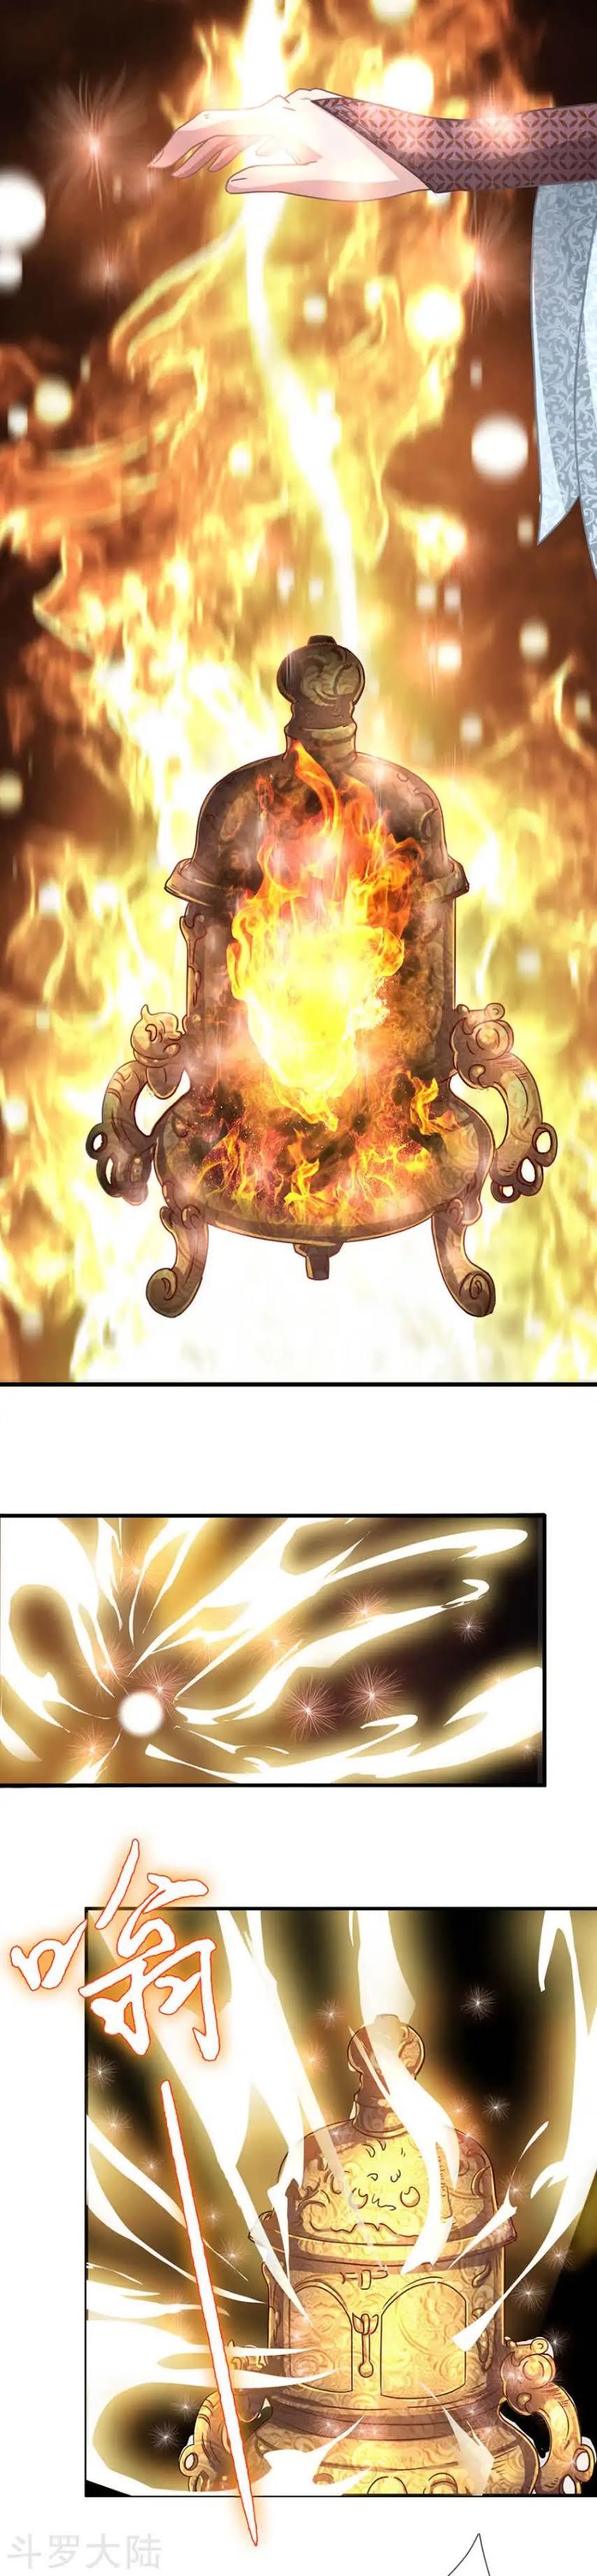 Nghịch Thiên Kiếm Thần chap 25 - Trang 18